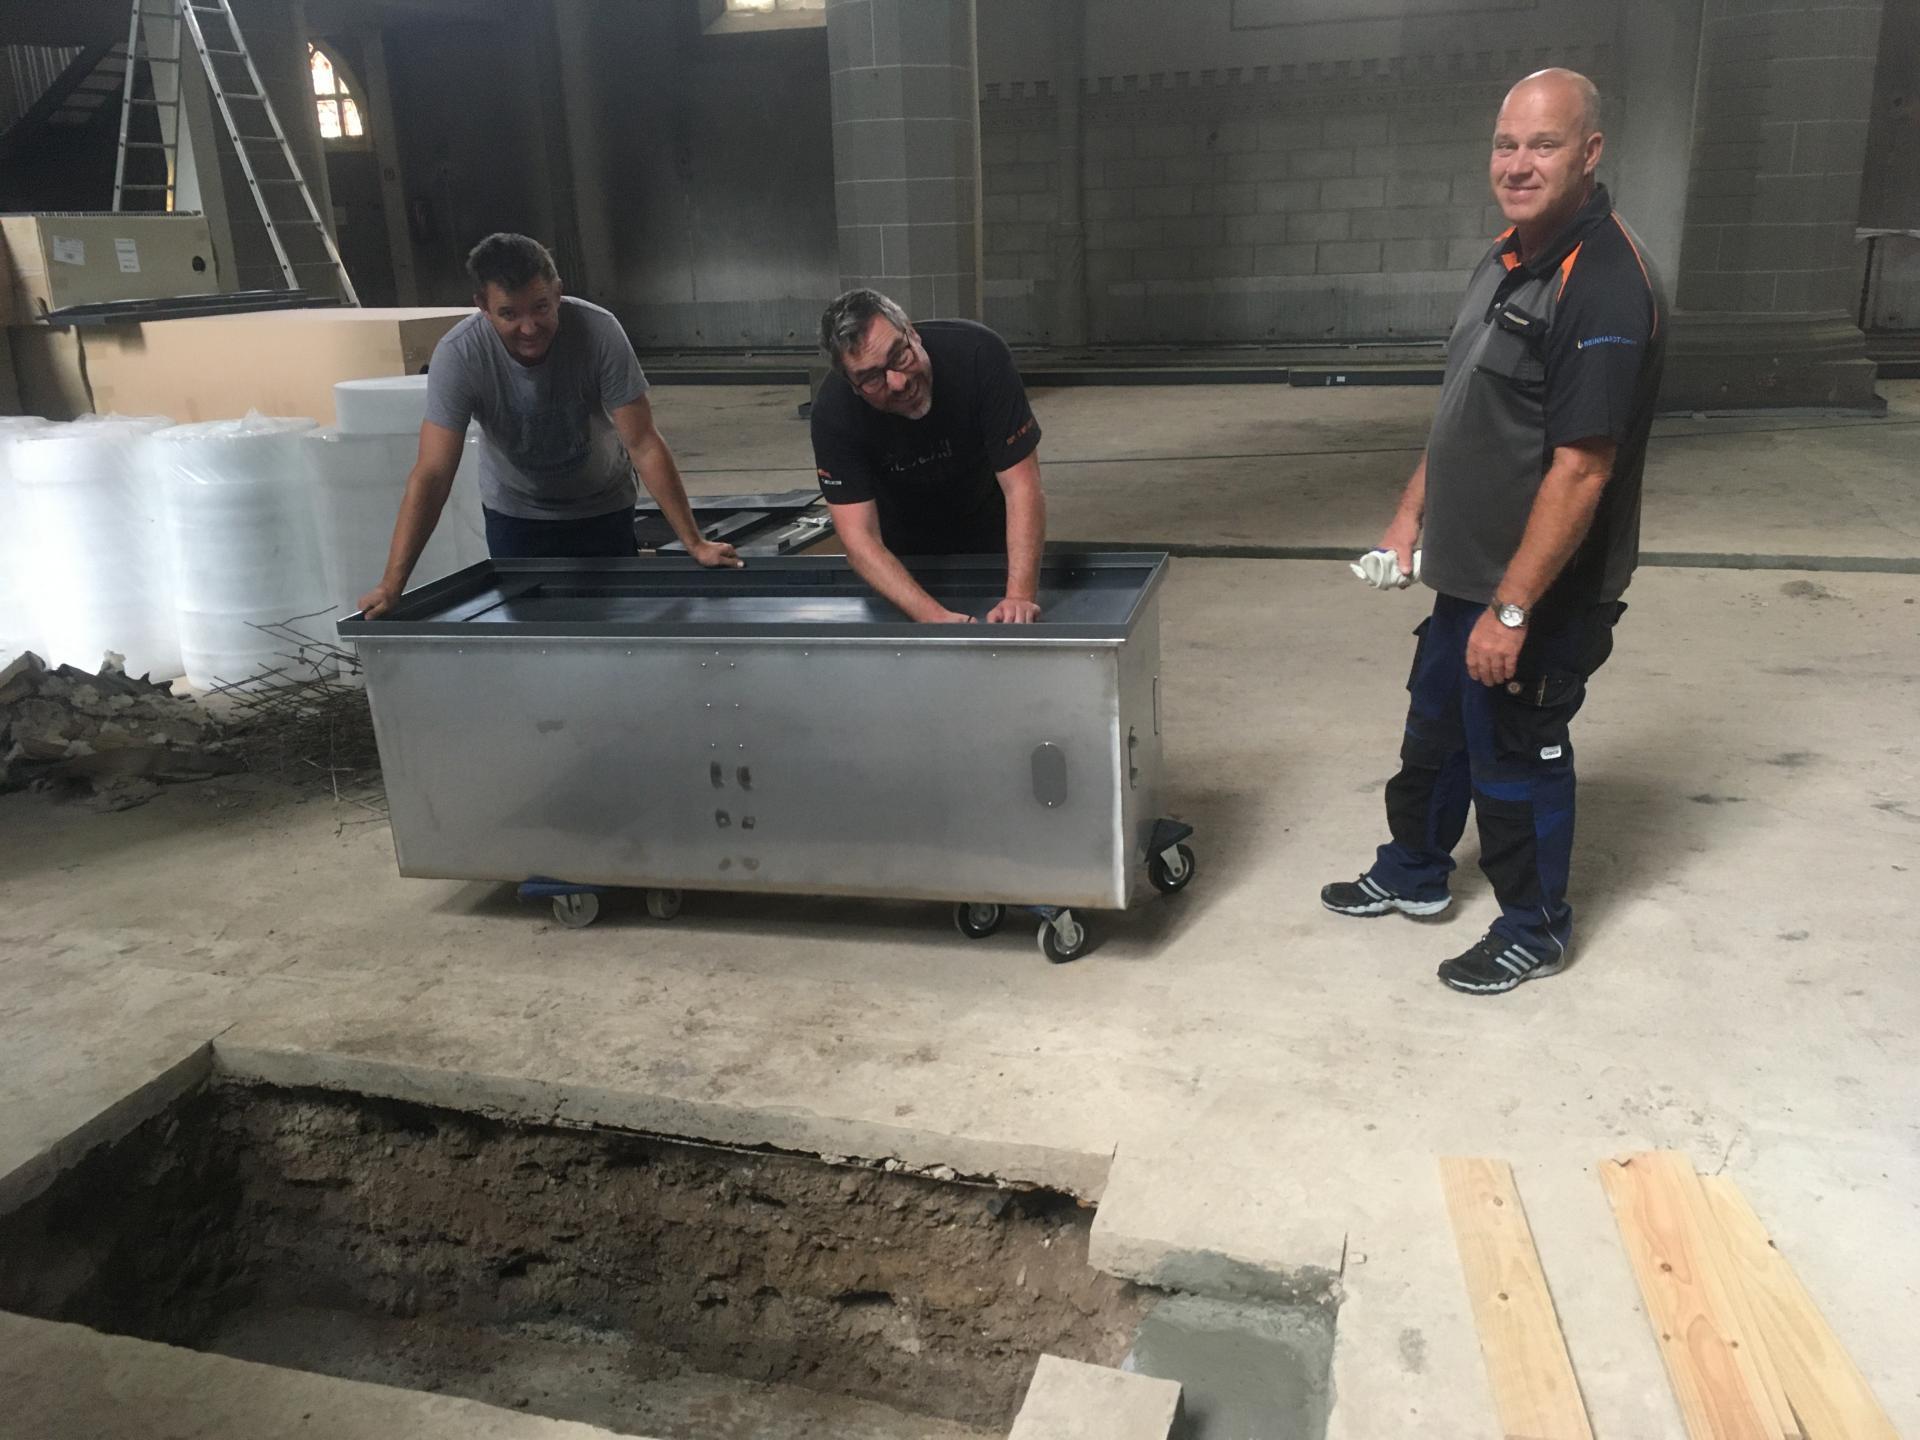 Bild IV zeigt Herrn Jauch, Herrn Müller und Herrn Reinhardt aus Rudolstadt beim Auspacken einer Wärmestationseinheit